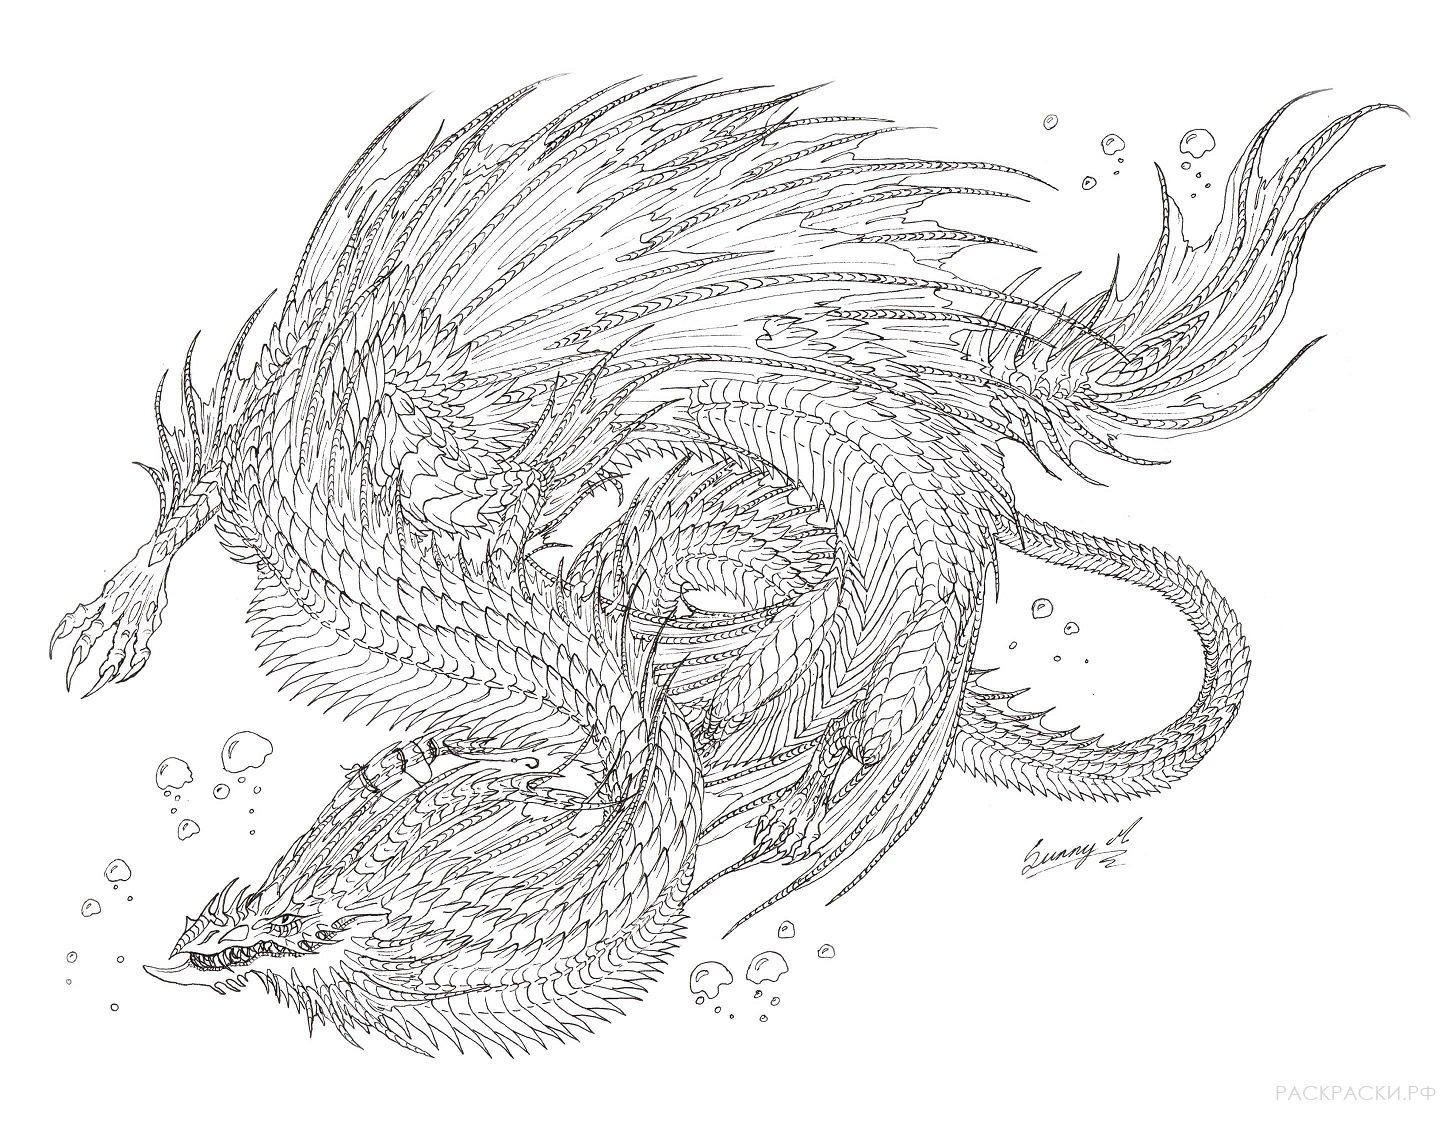 Раскраски Драконы » Страница 6 » Раскраски.рф ...